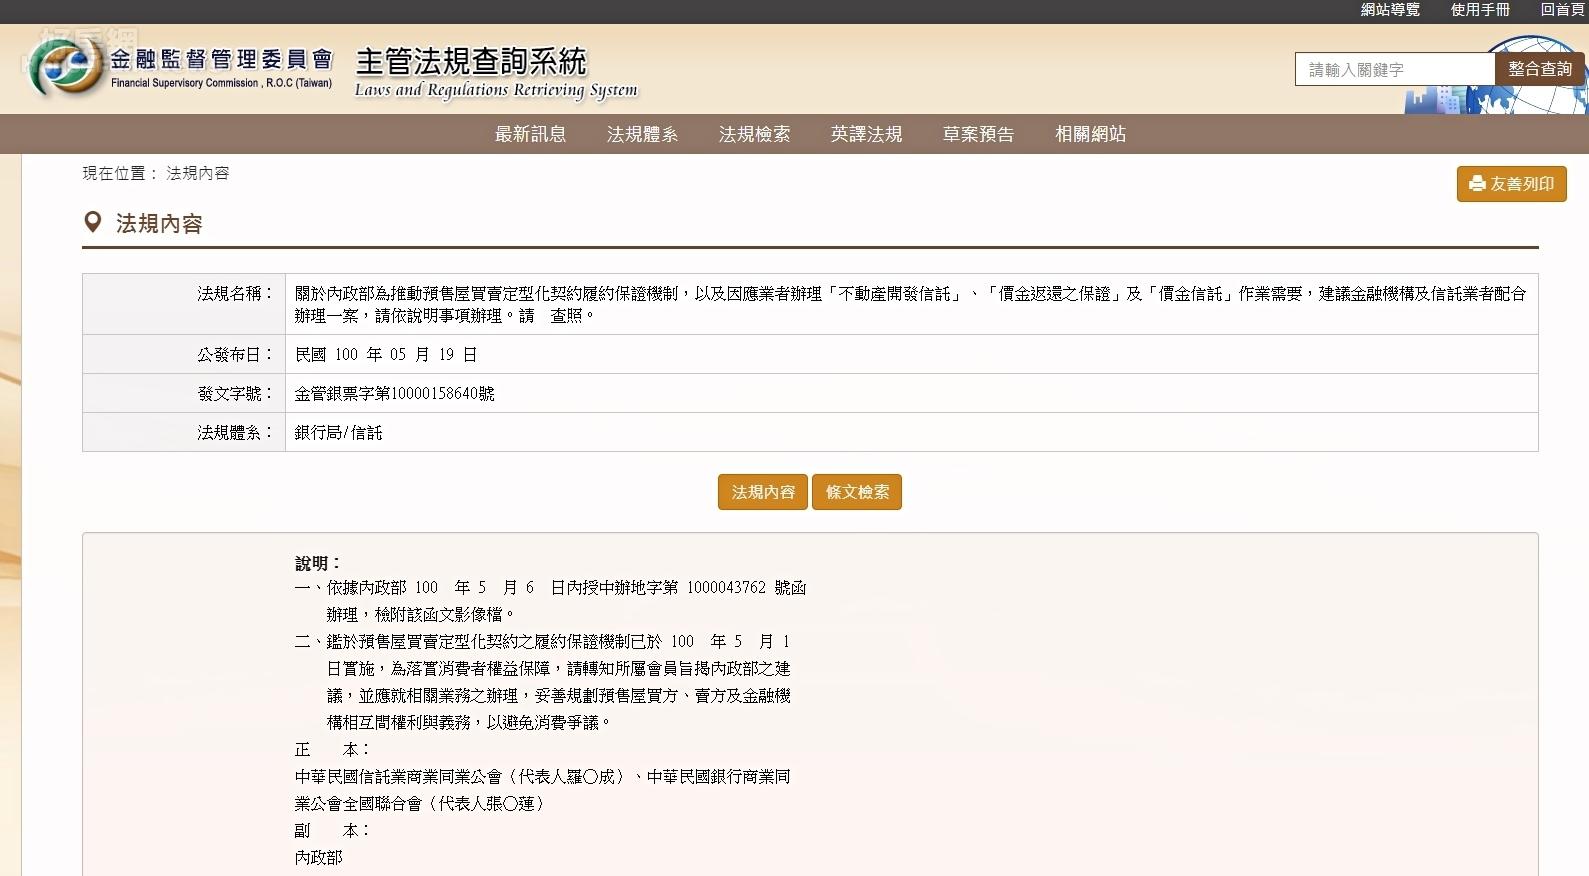 金管會官方網頁